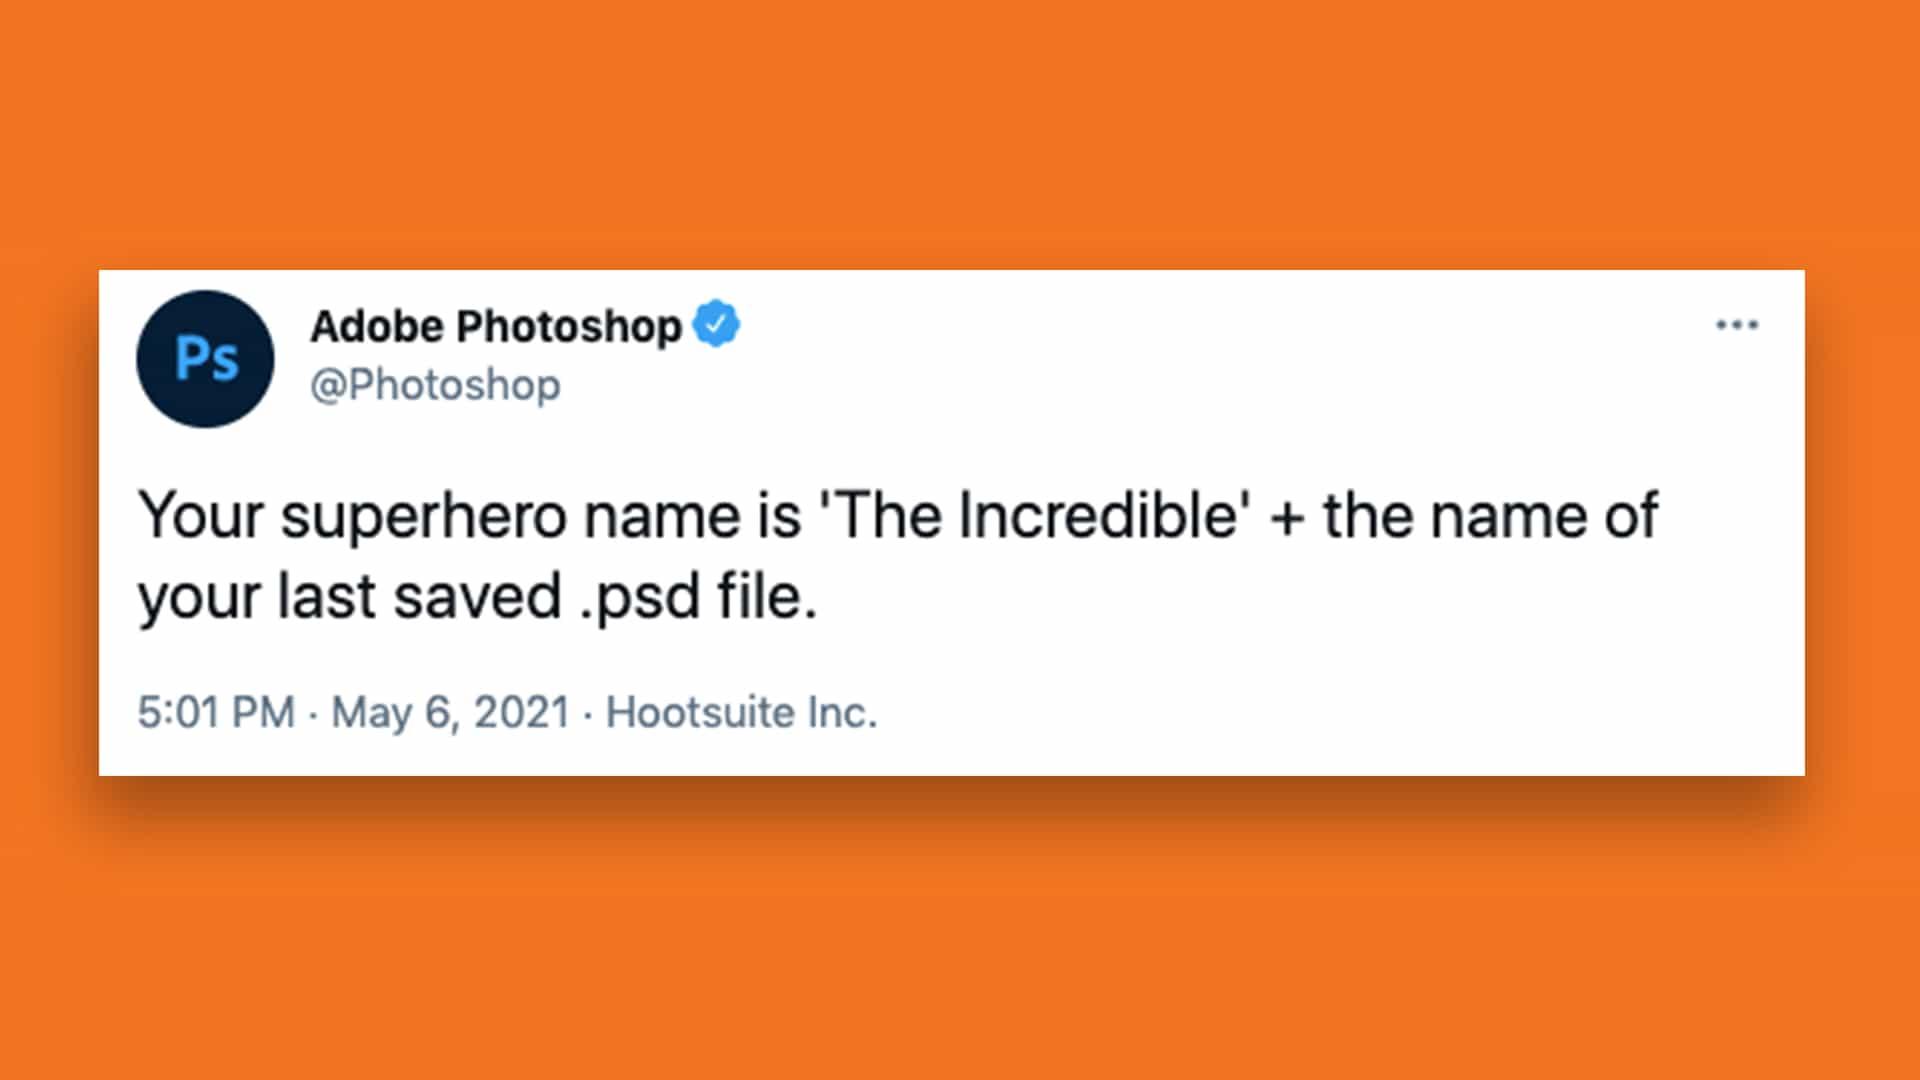 Cómo averiguar el nombre de su superhéroe de Adobe Photoshop